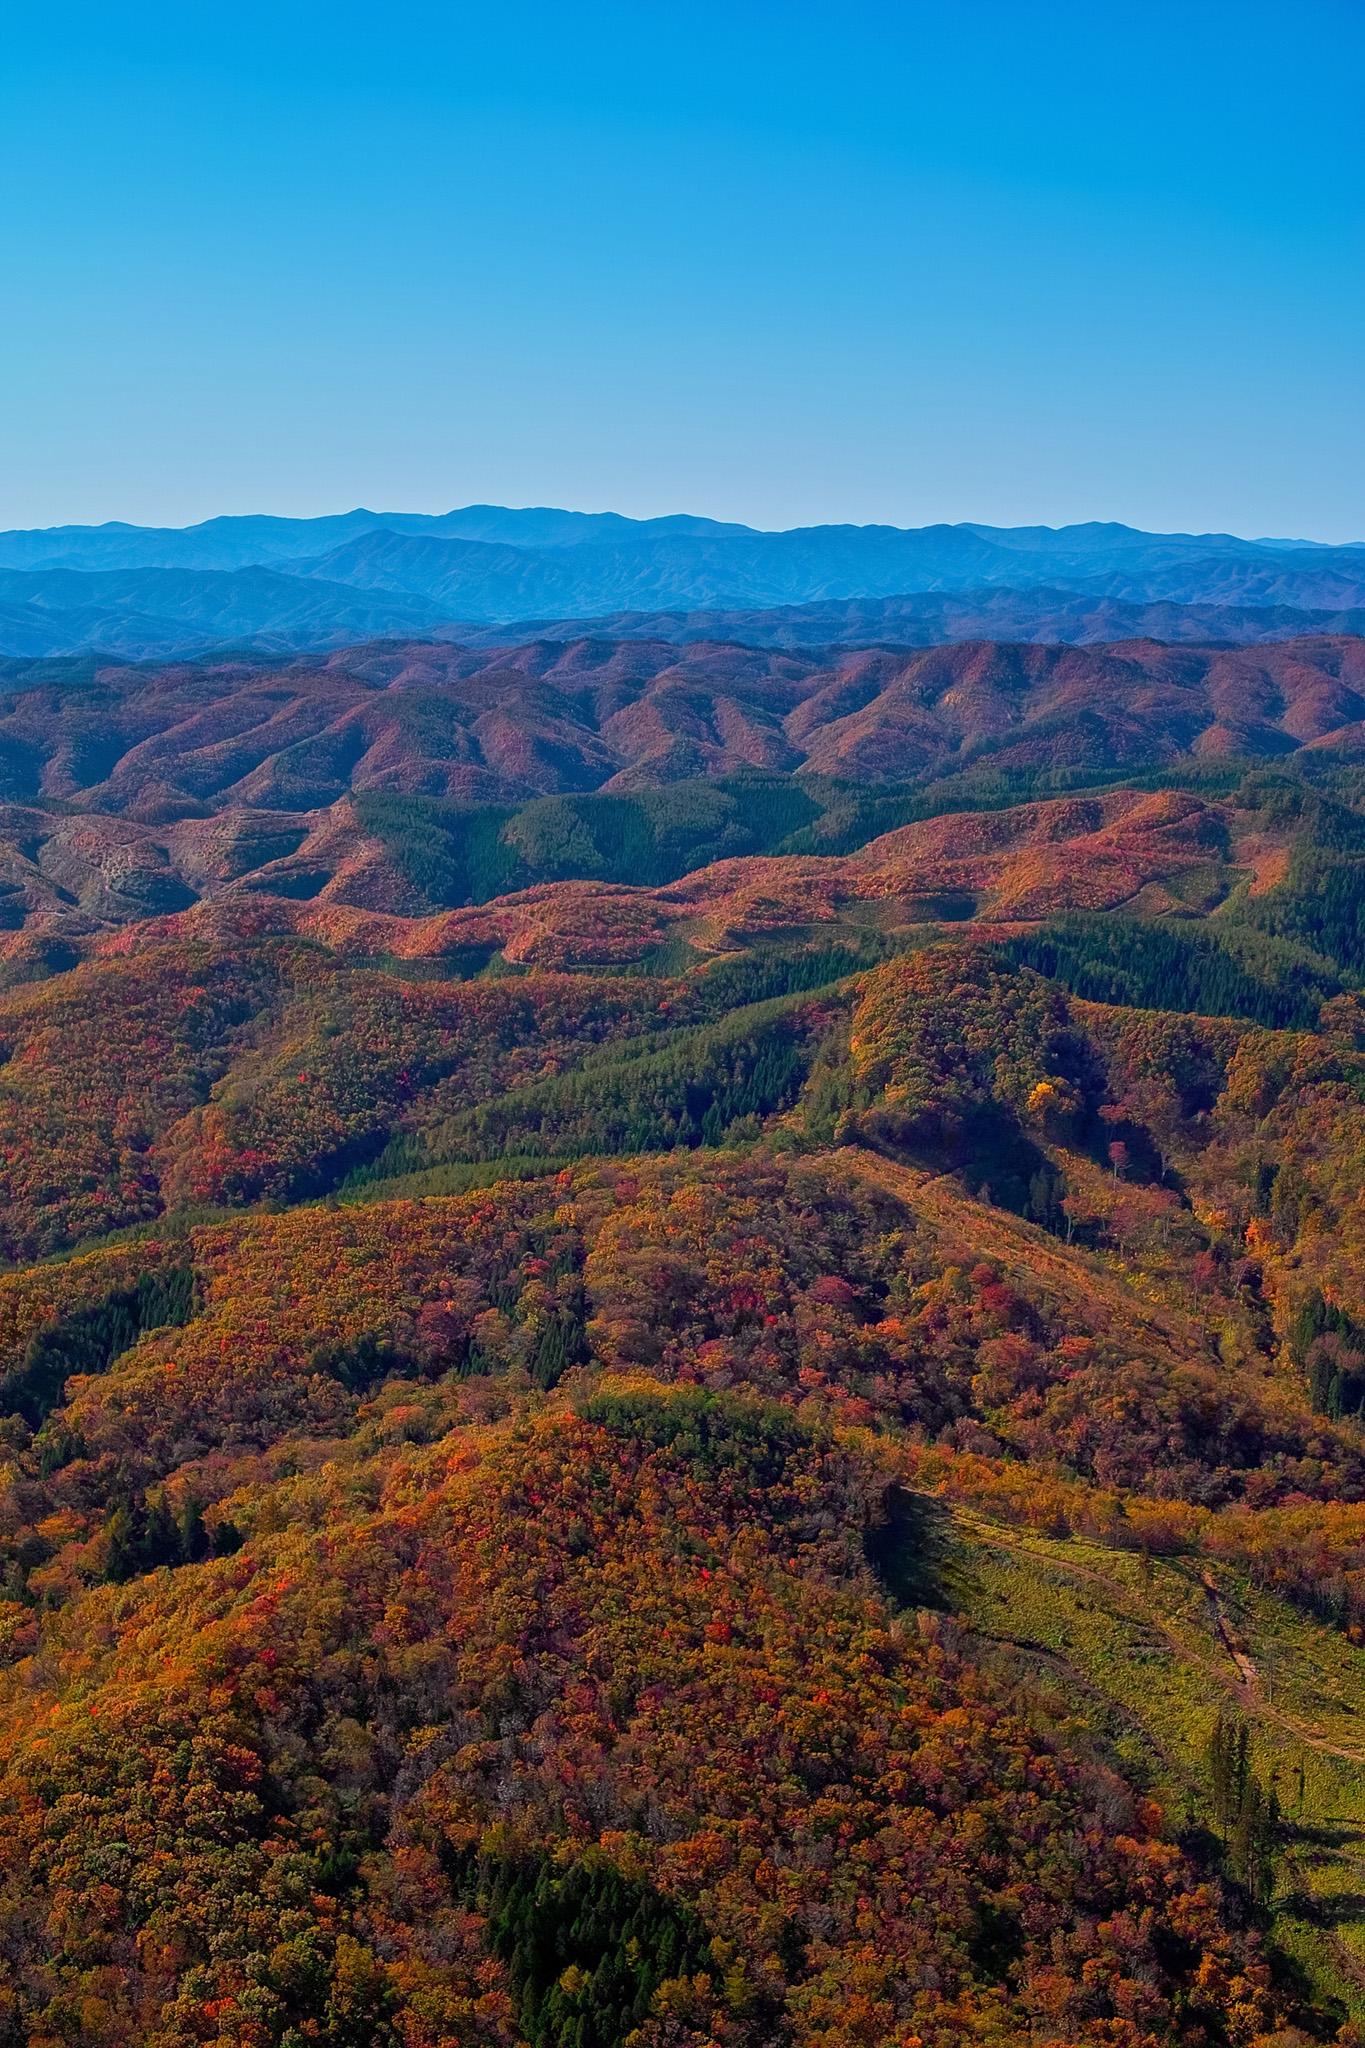 「連なる山々が紅葉で赤く染まる」